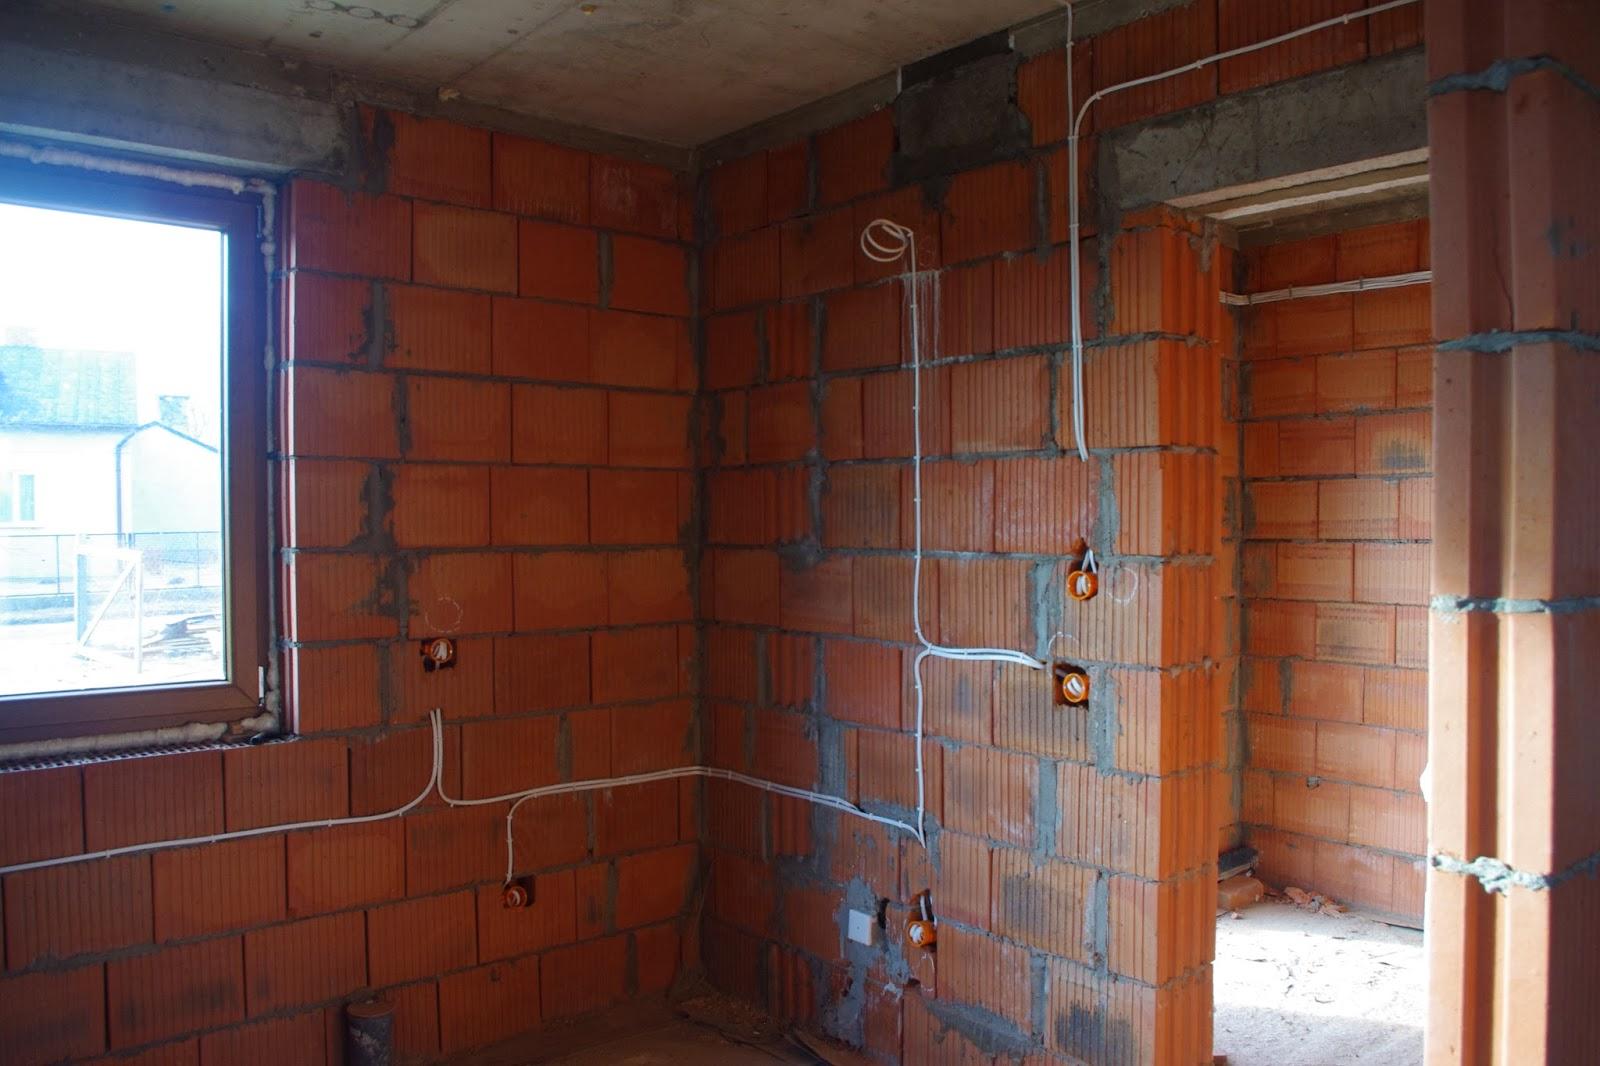 Budujemy dom 18 Instalacja elektryczna -> Kuchnia Elektryczna Schemat Podlączenia